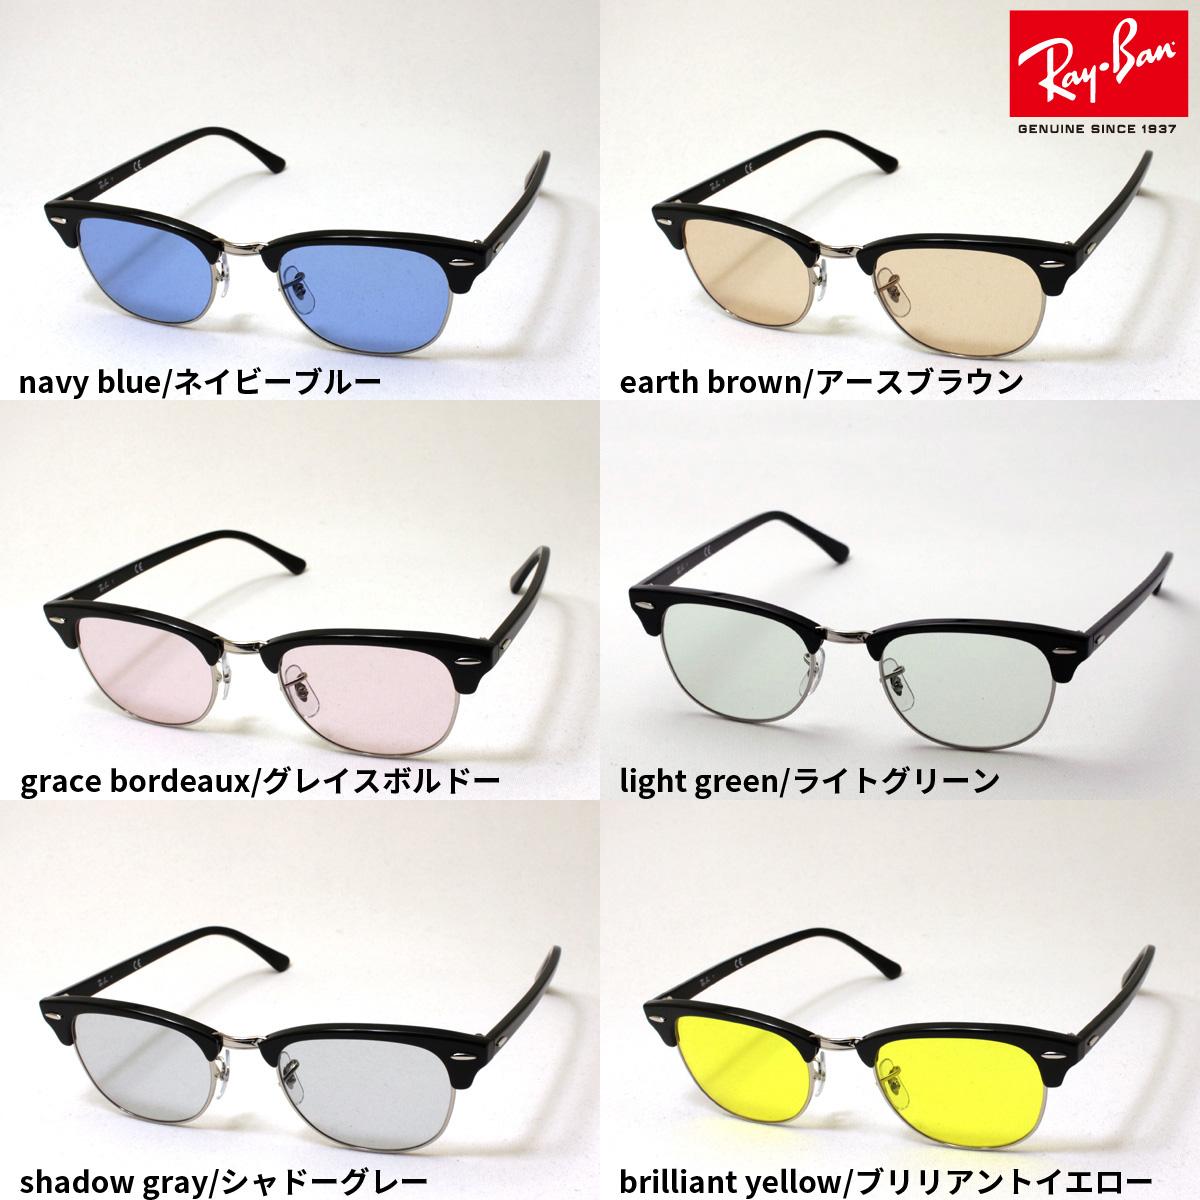 正規レイバン 日本最大級の品揃え レイバン サングラス クラブマスター Ray-Ban RX5154 2000 世界最高峰レンズメーカーHOYA製 ライトカラー レディース メンズ カラーレンズサングラス RayBan light color ブロー